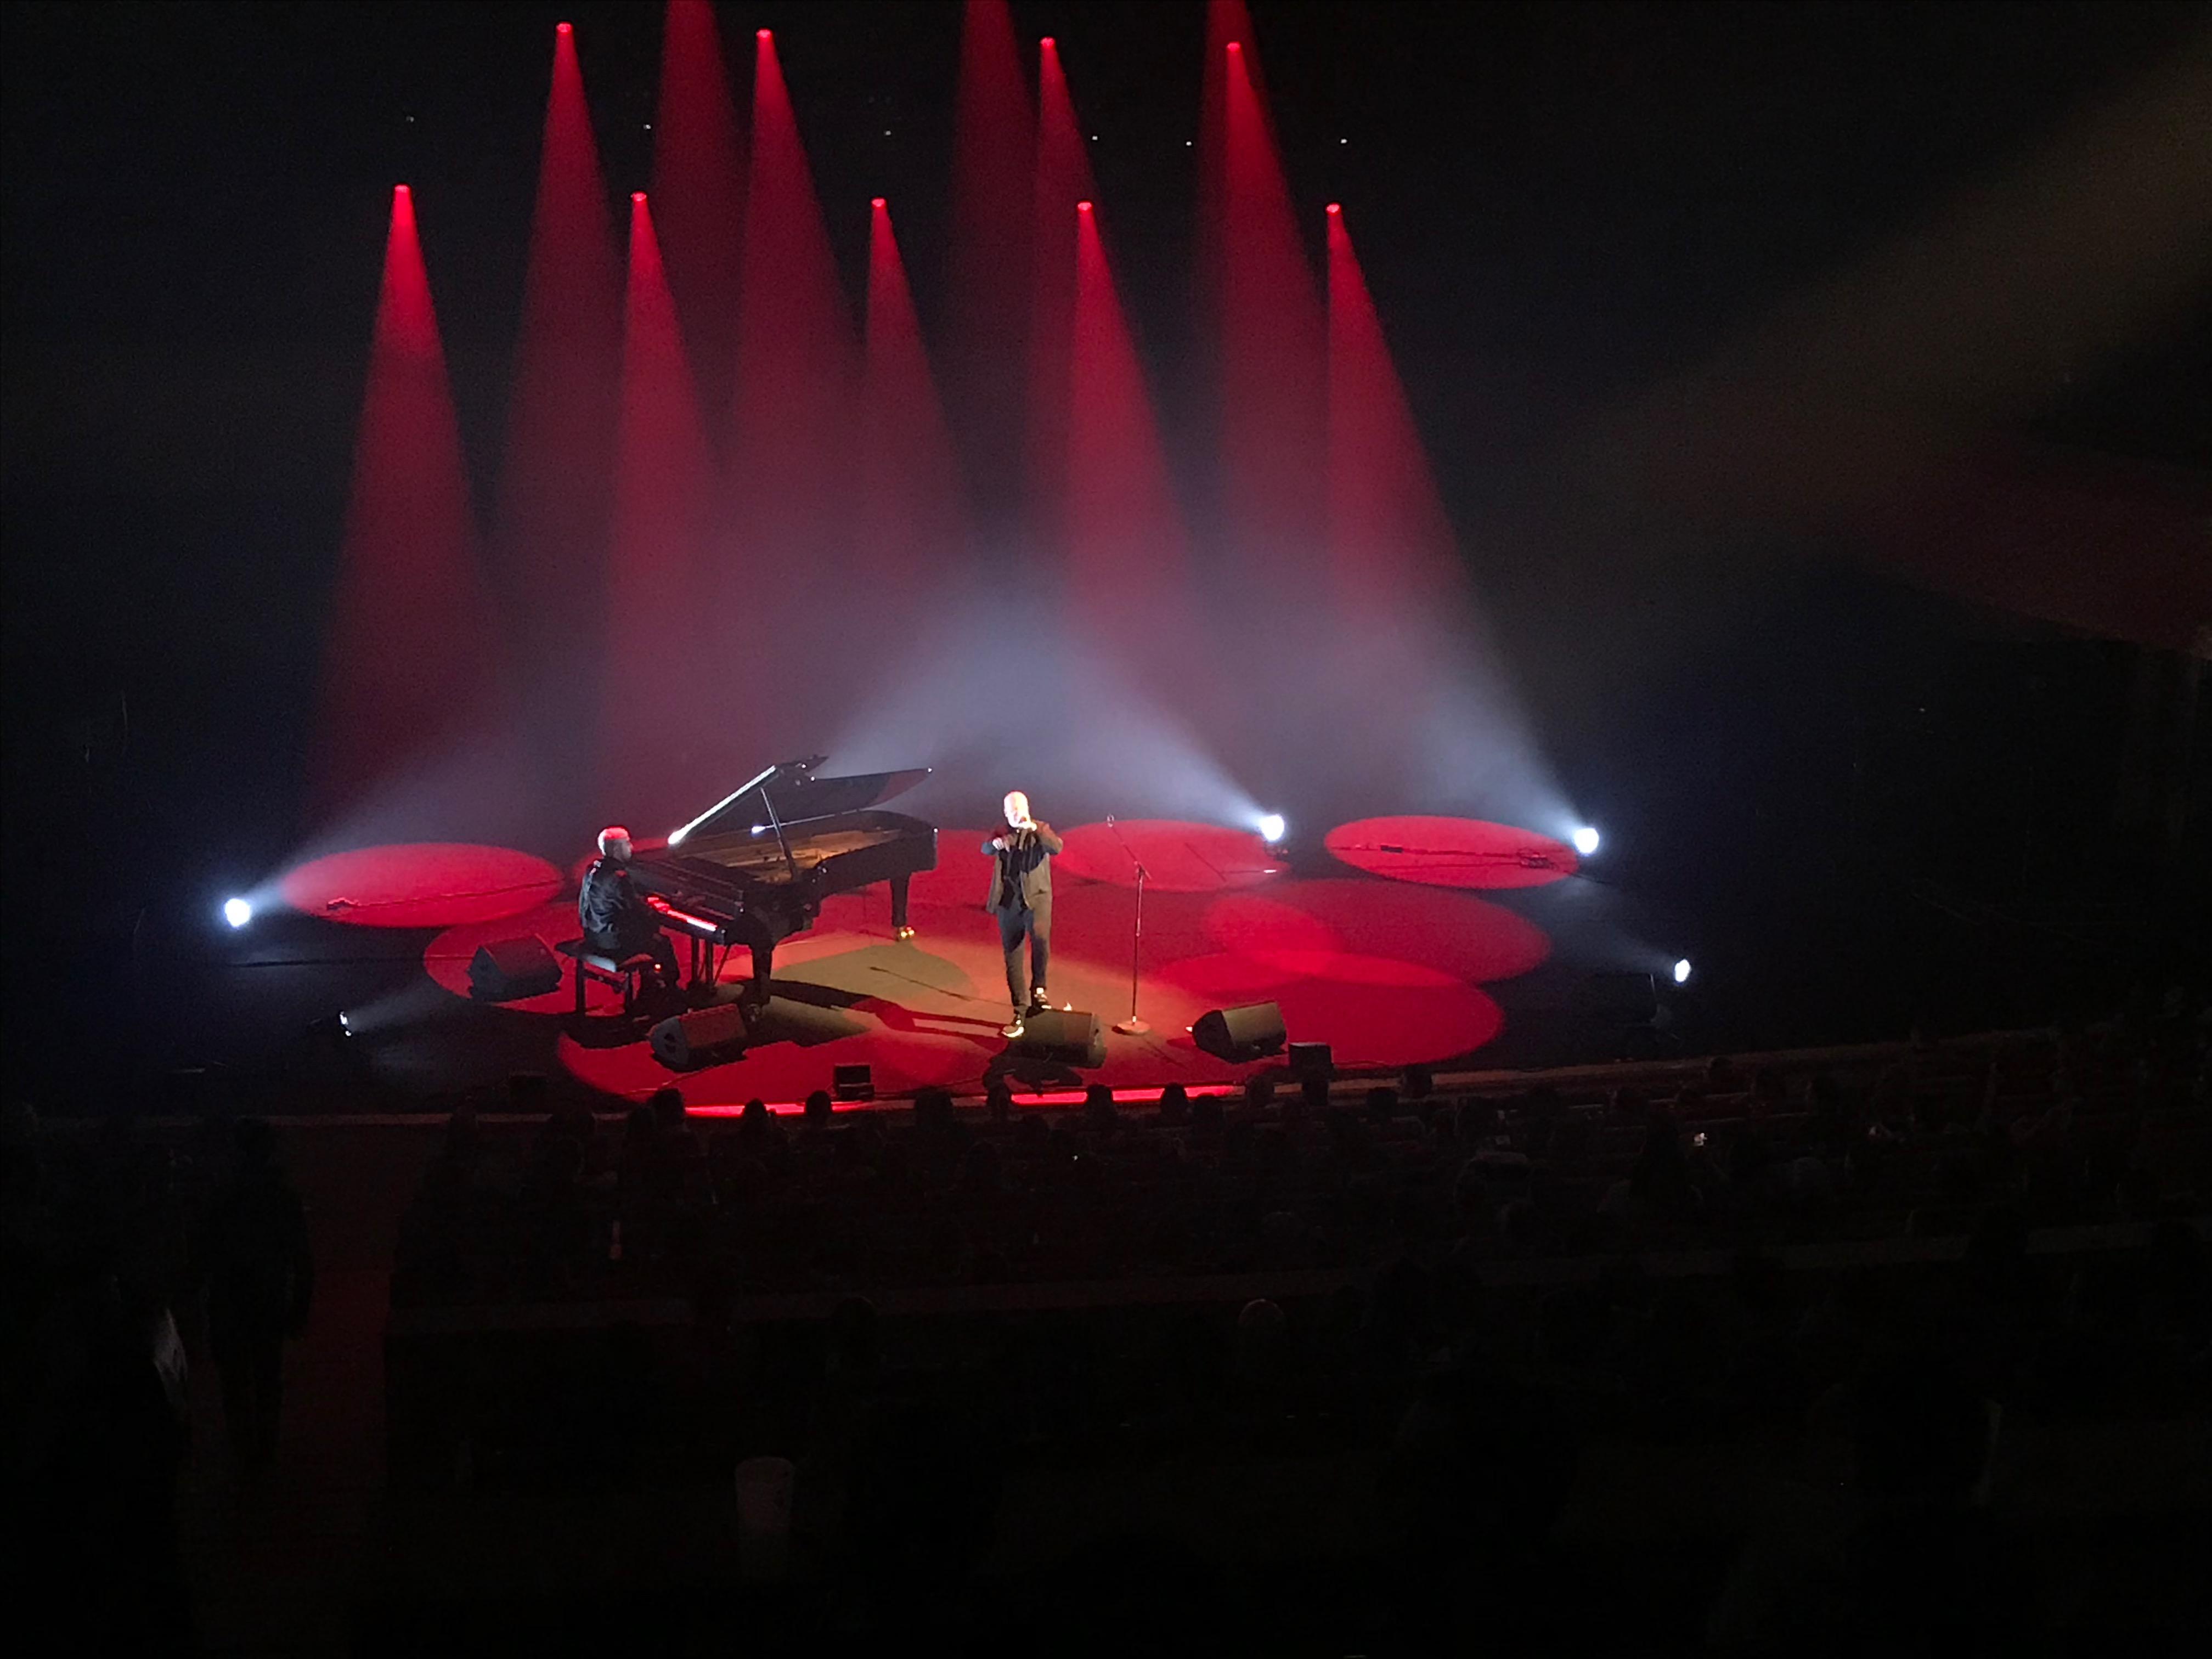 Scylla & Sofiane sur la scène de l'auditorium de la Seine Musicale pour le festival Chorus, dimanche 7 avril 2019. ©: @saint_xsl1